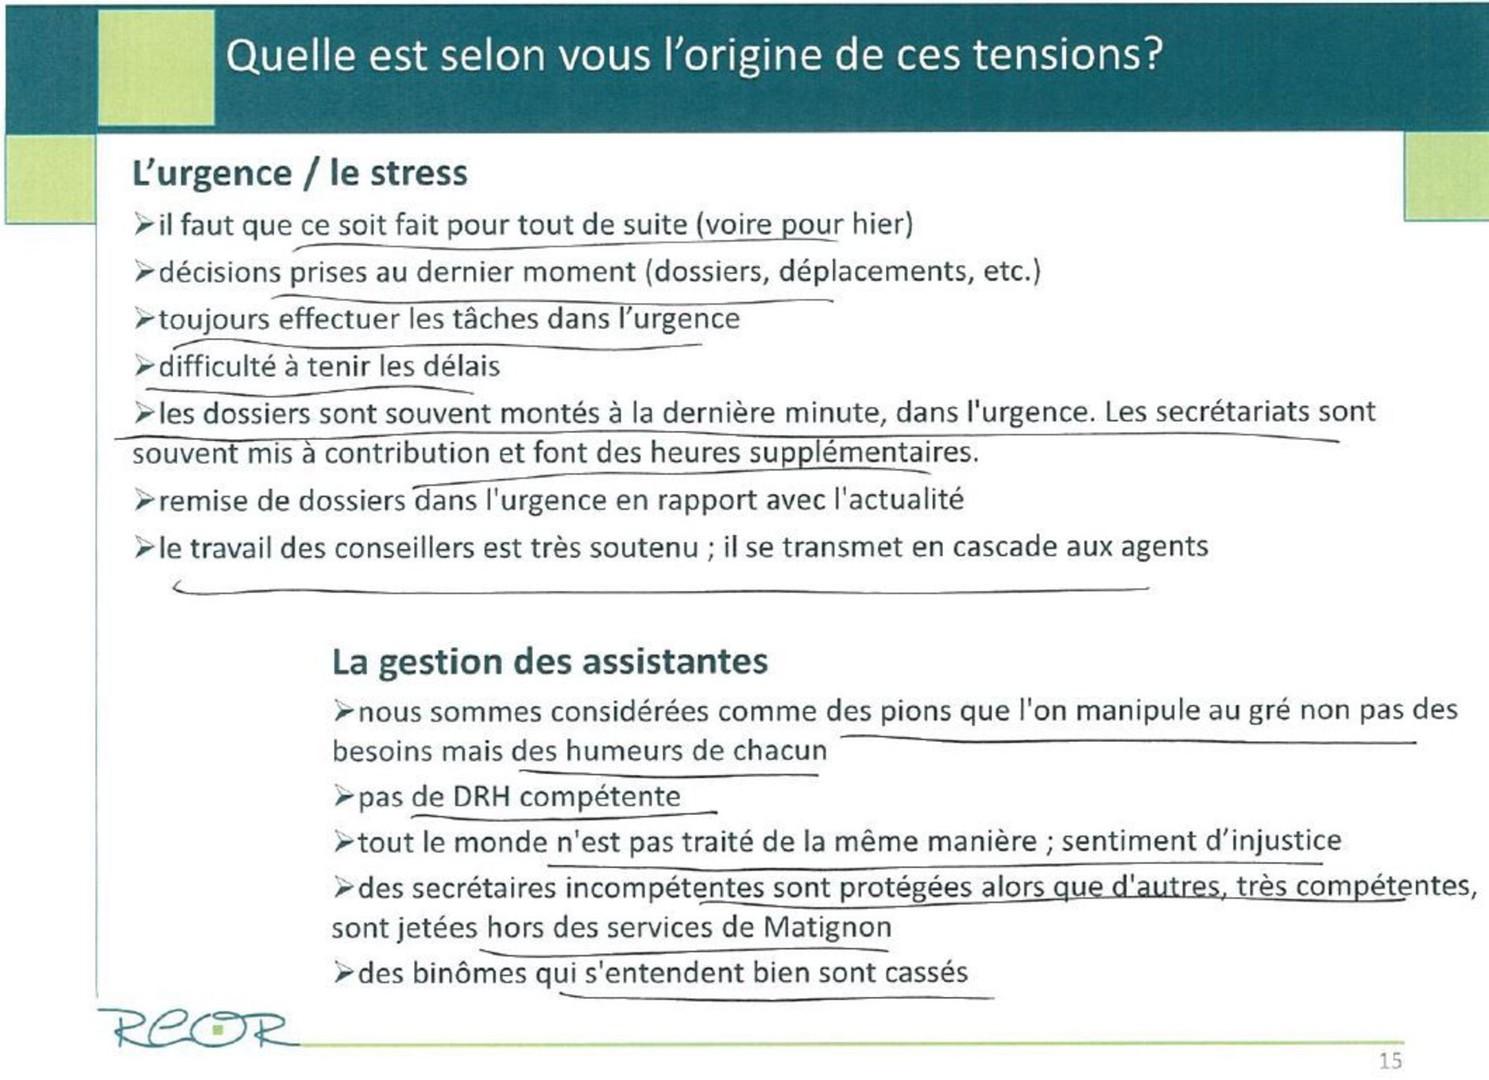 Stress au travail : en un an, le cabinet d'Edouard Philippe et Matignon ont lessivé 14 secrétaires